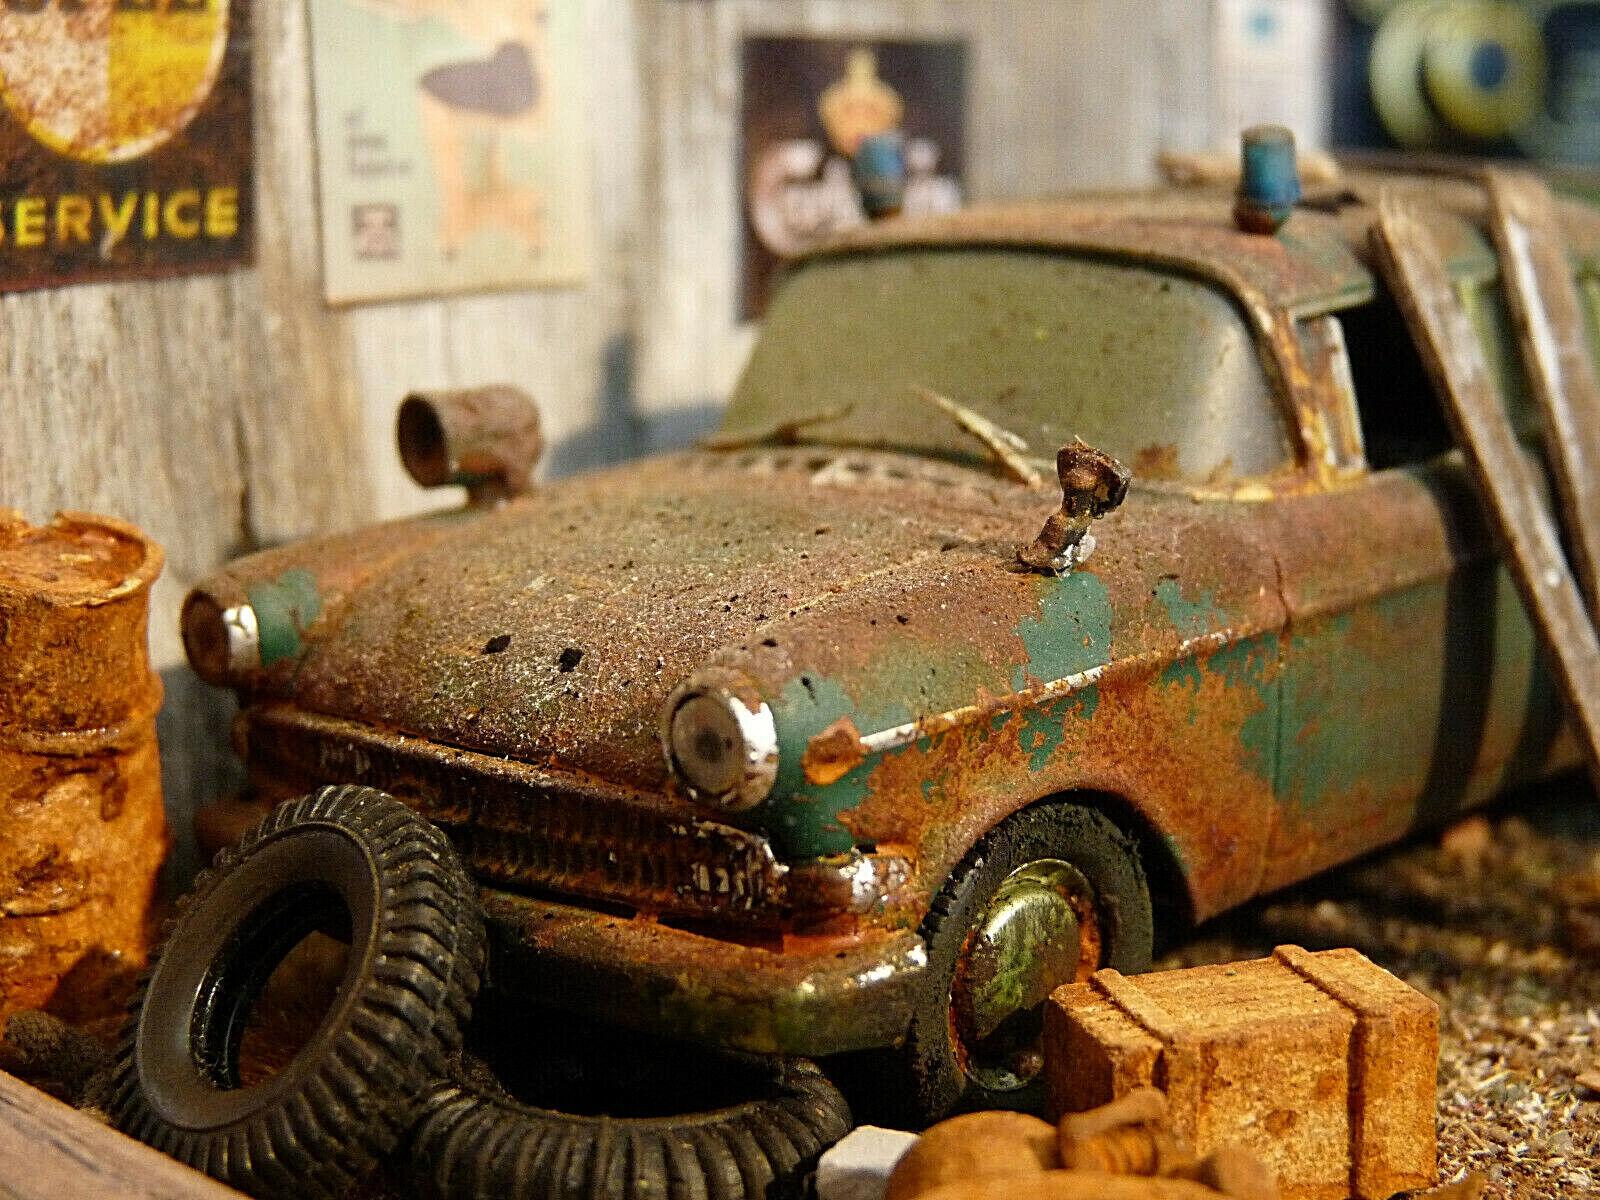 Opel Kapitän Polizei Bj.1959 - Oldtimer Scheunenfund Diorama im Maßstab 1 43